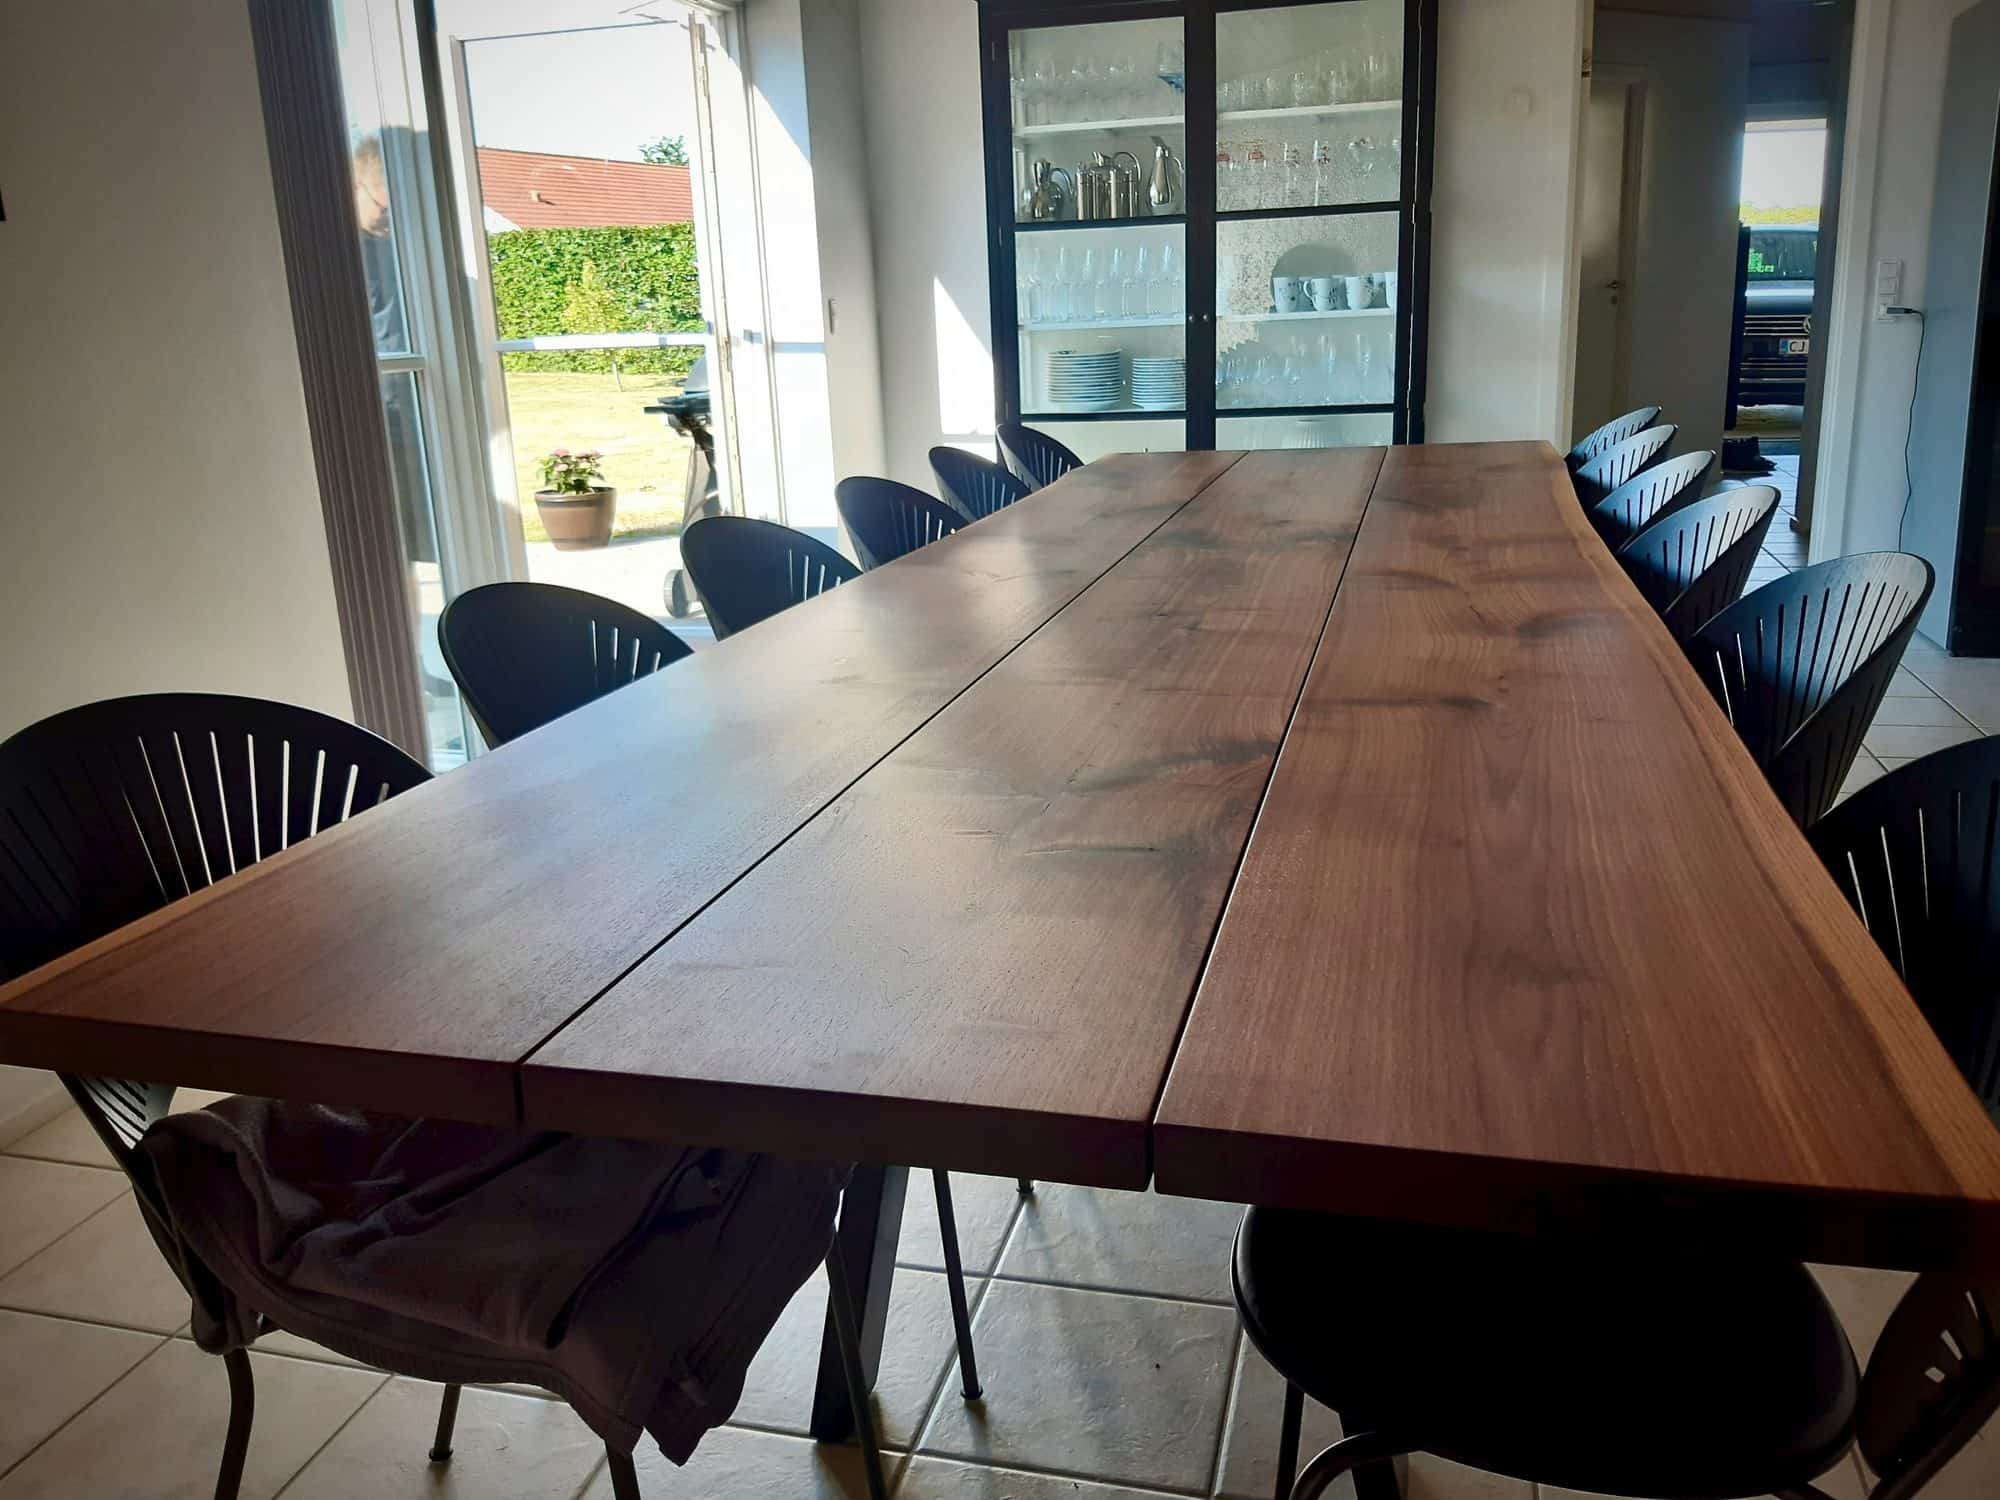 plankebord planke bord i trae Kaerbygård september 2020 8 scaled